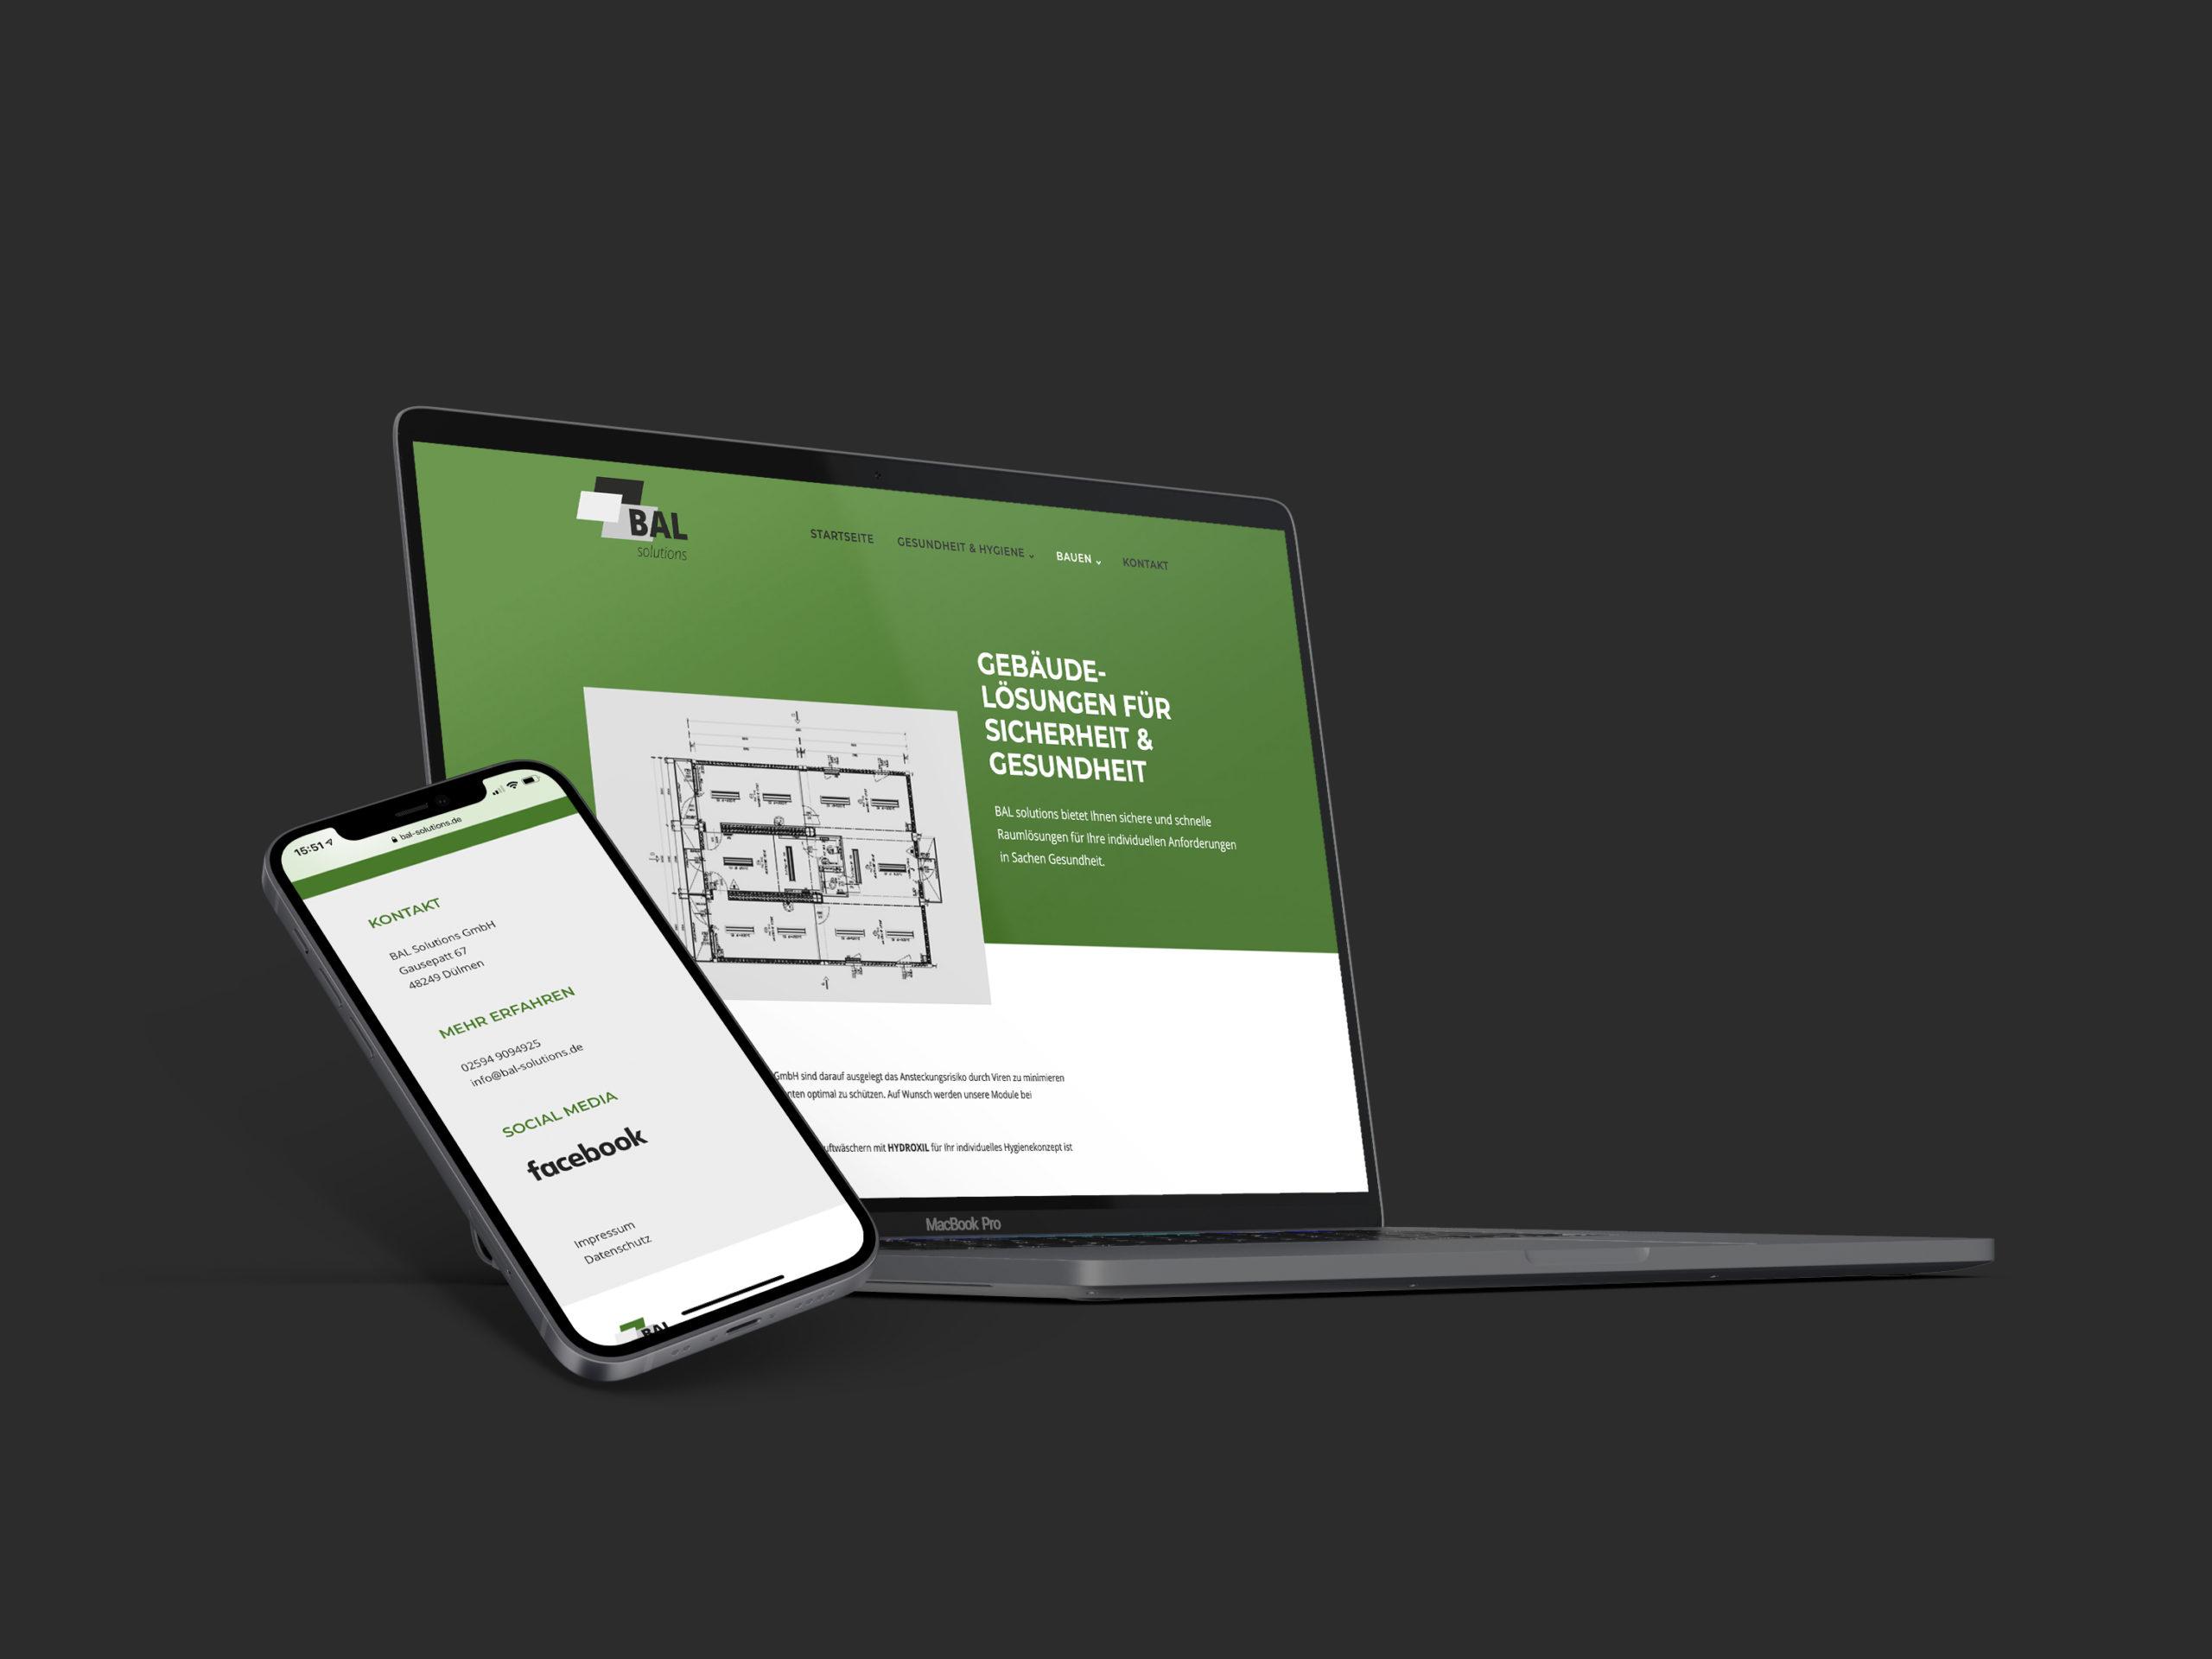 Internetpräsenz BAL solutions